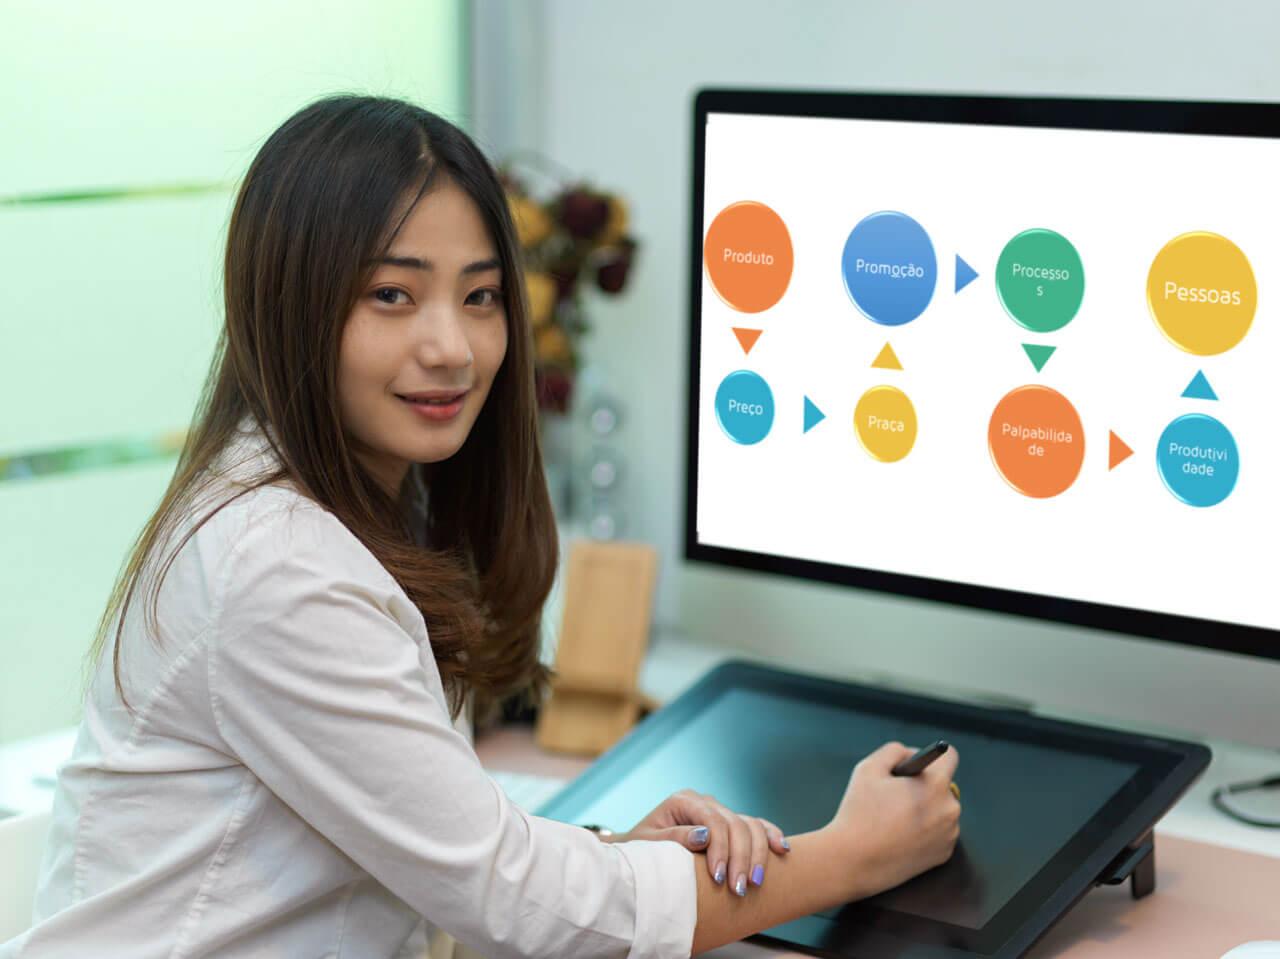 Os 8 Ps do marketing de serviços